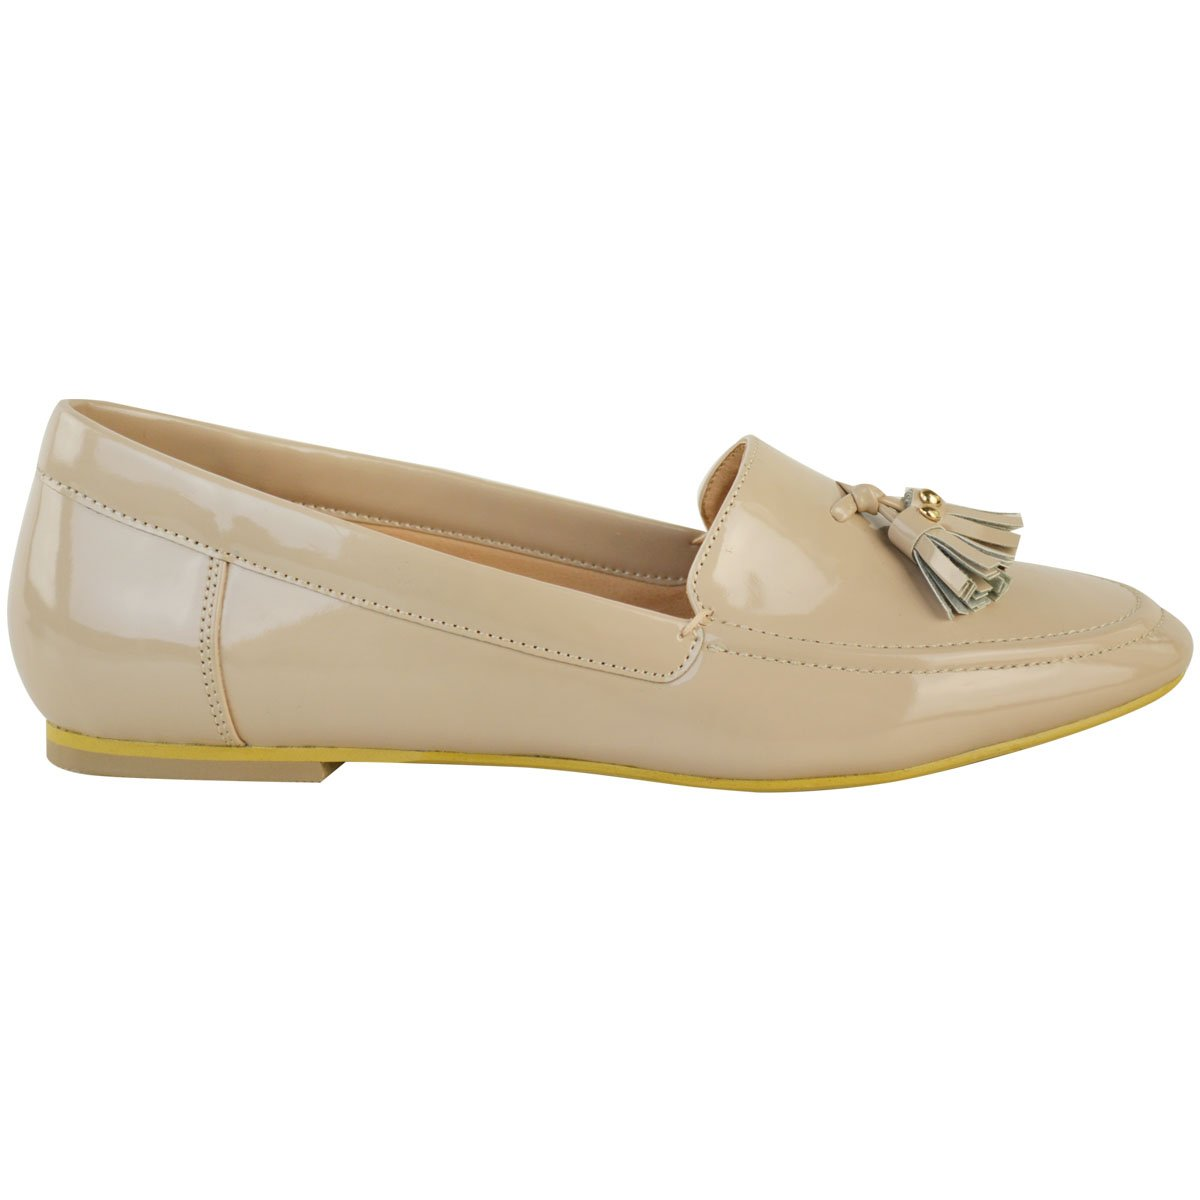 plano mujer Casual Oficina Borla Mocasines BOMBAS Deslizante Zapatos de colegio Talla - Charol Nude, 39: Amazon.es: Zapatos y complementos